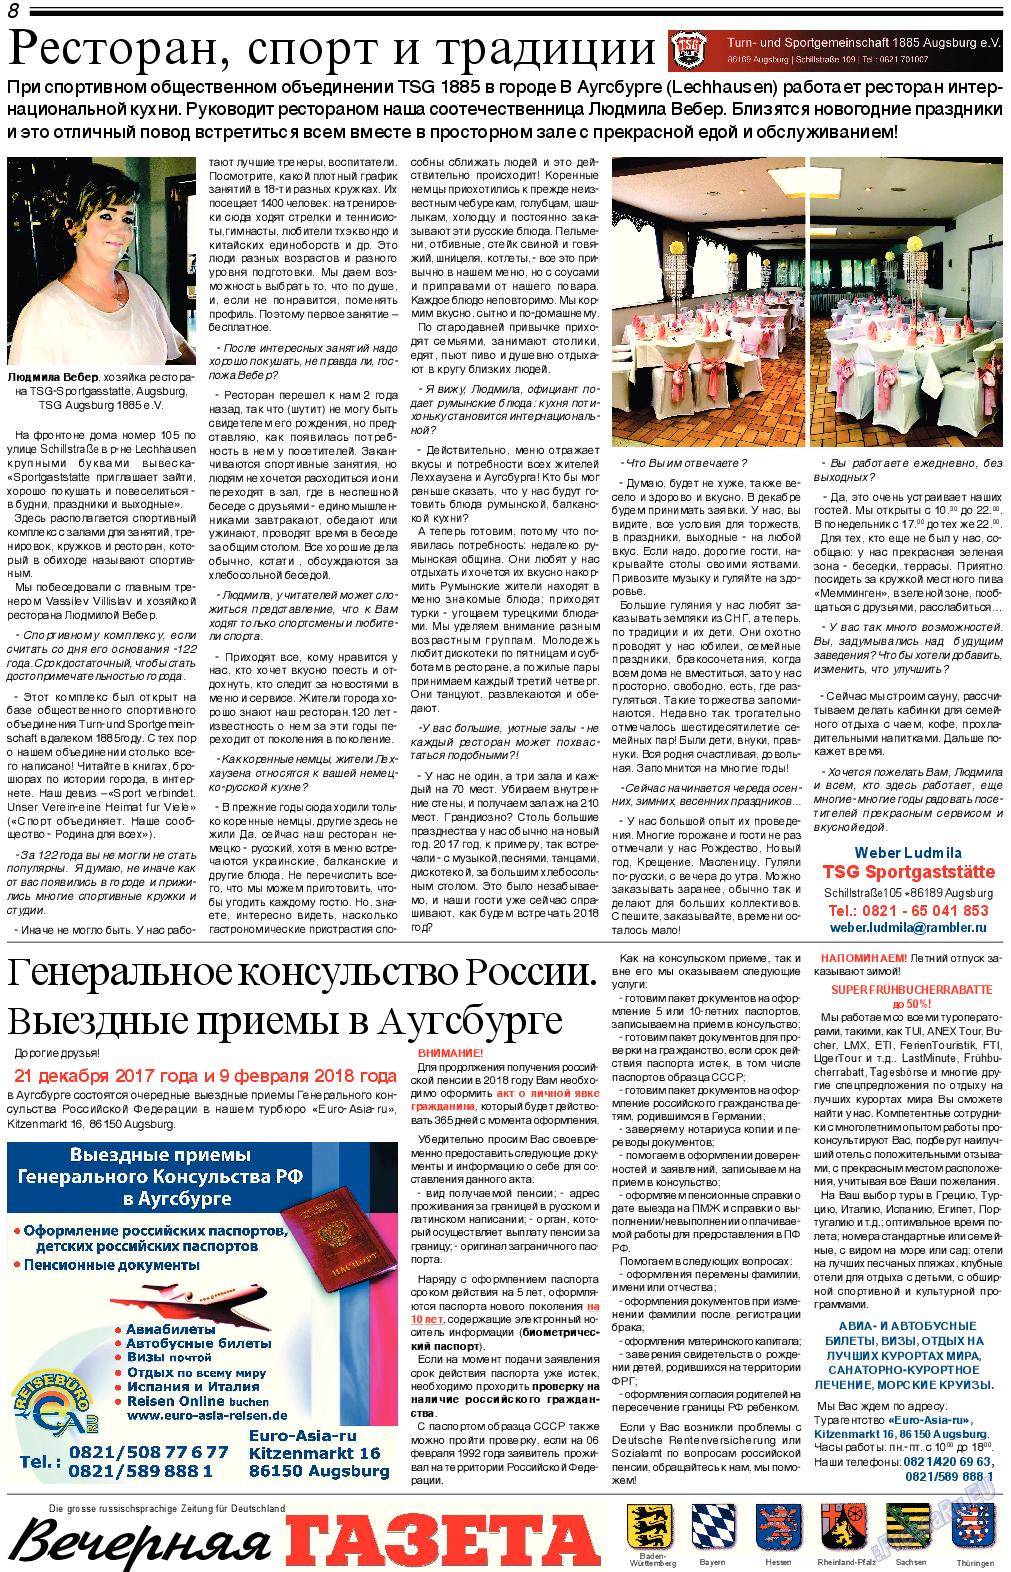 Вечерняя газета (газета). 2017 год, номер 11, стр. 8